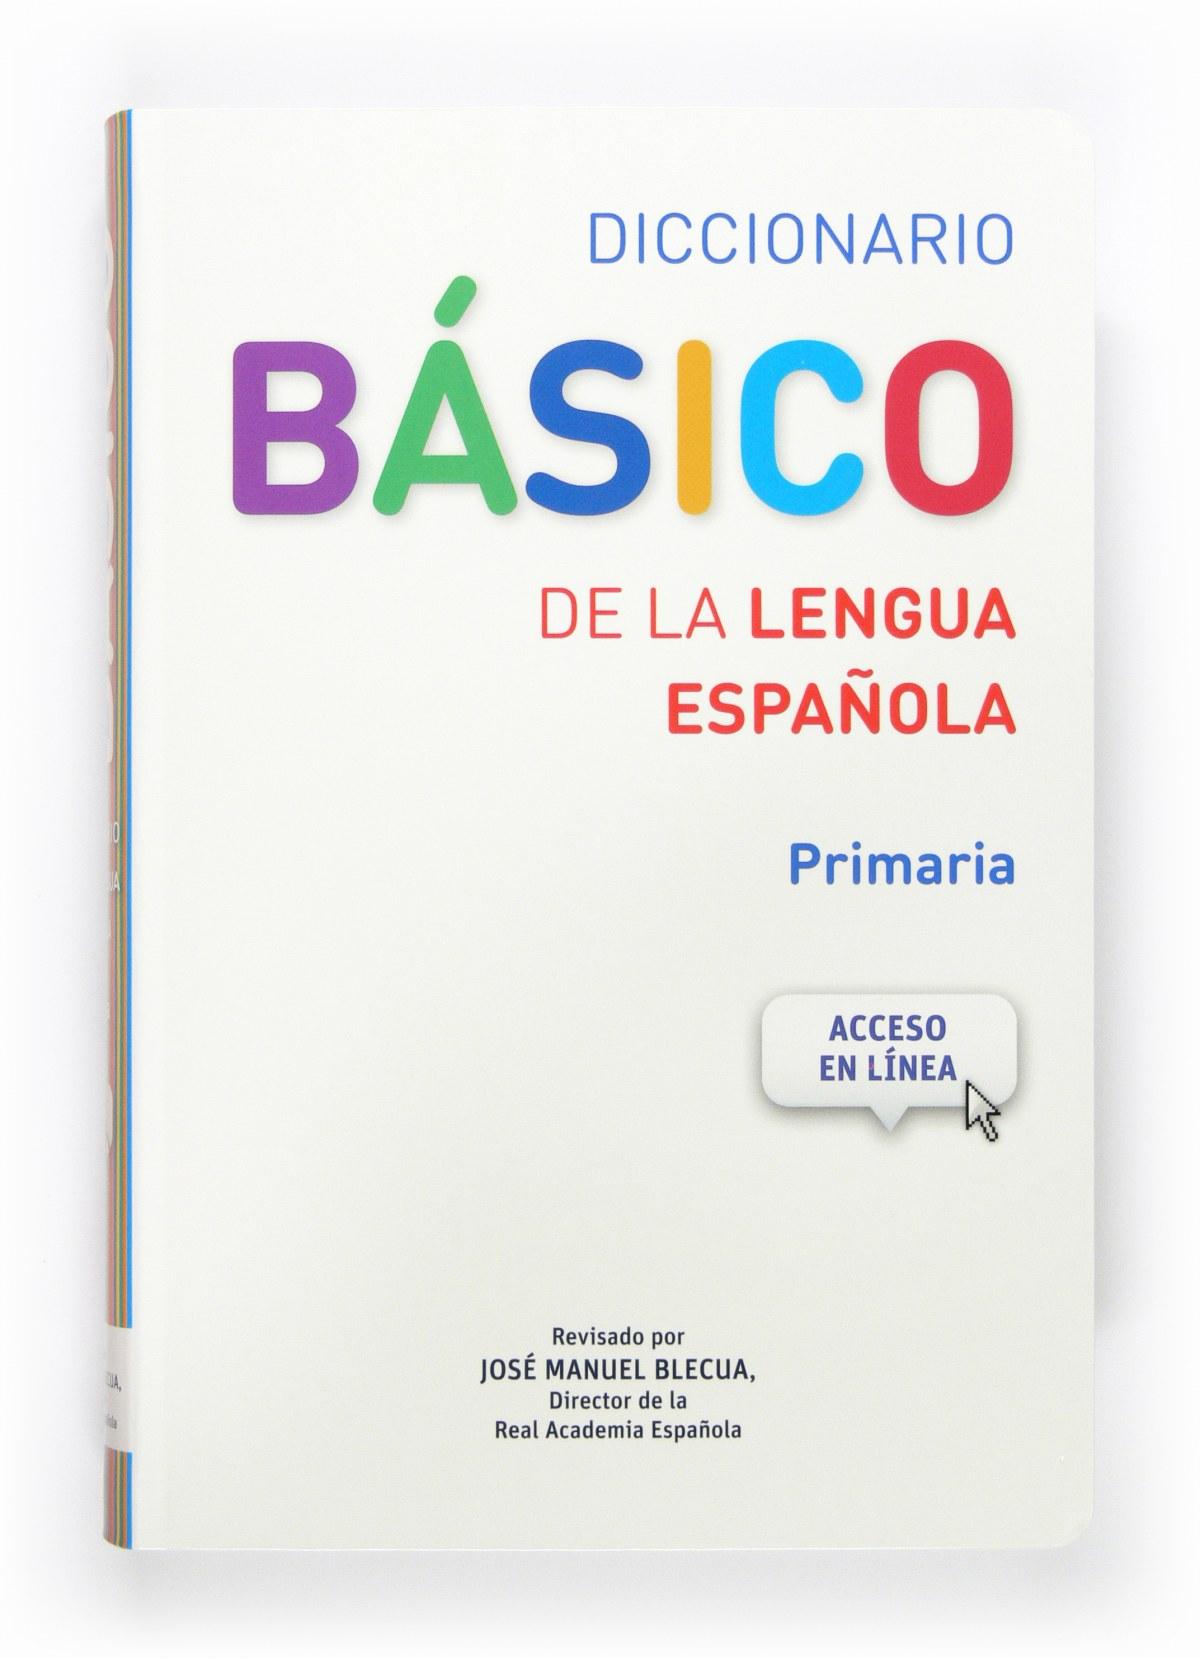 Diccionario basico de la lengua española.Primaria 9788467573763